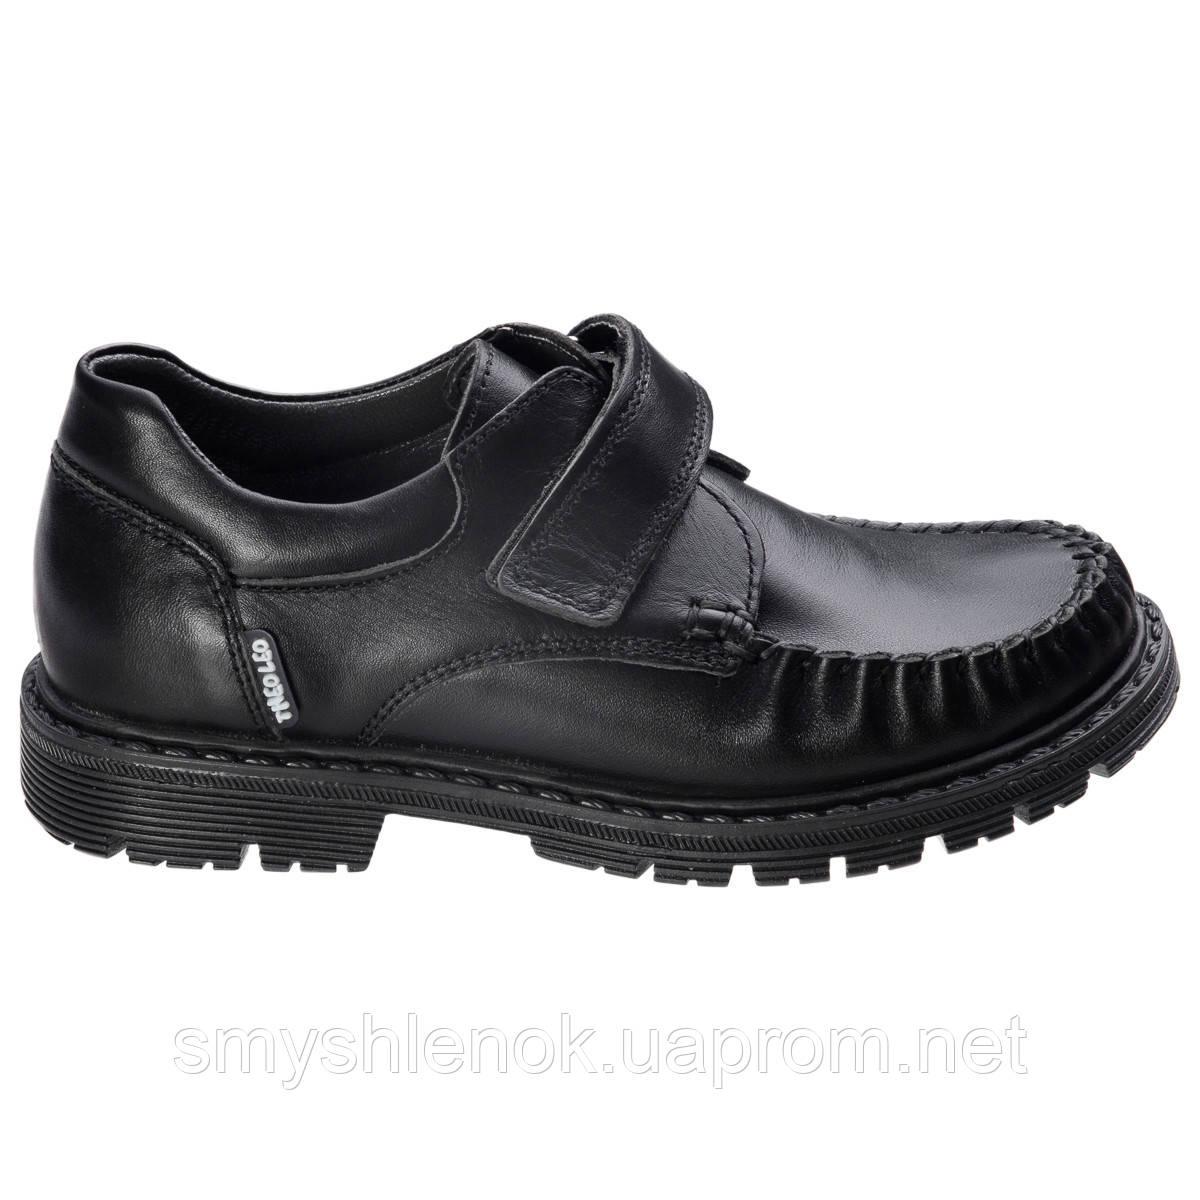 Туфли Theo Leo RN538 31 20.1 см Черные